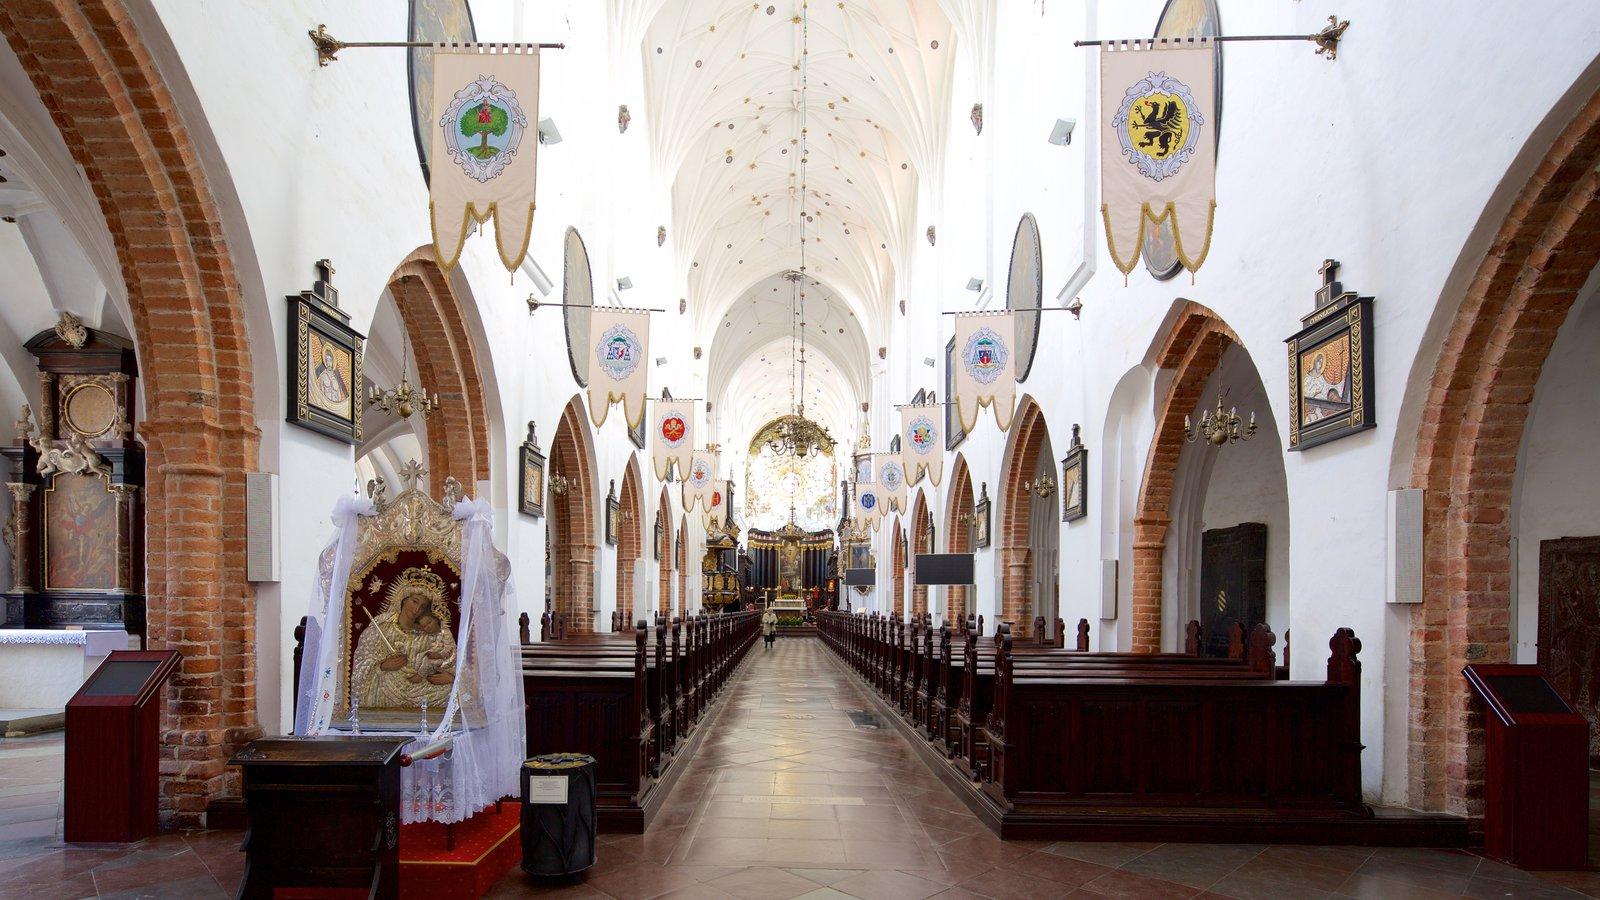 Catedral de Oliwa caracterizando elementos de patrimônio, uma igreja ou catedral e vistas internas